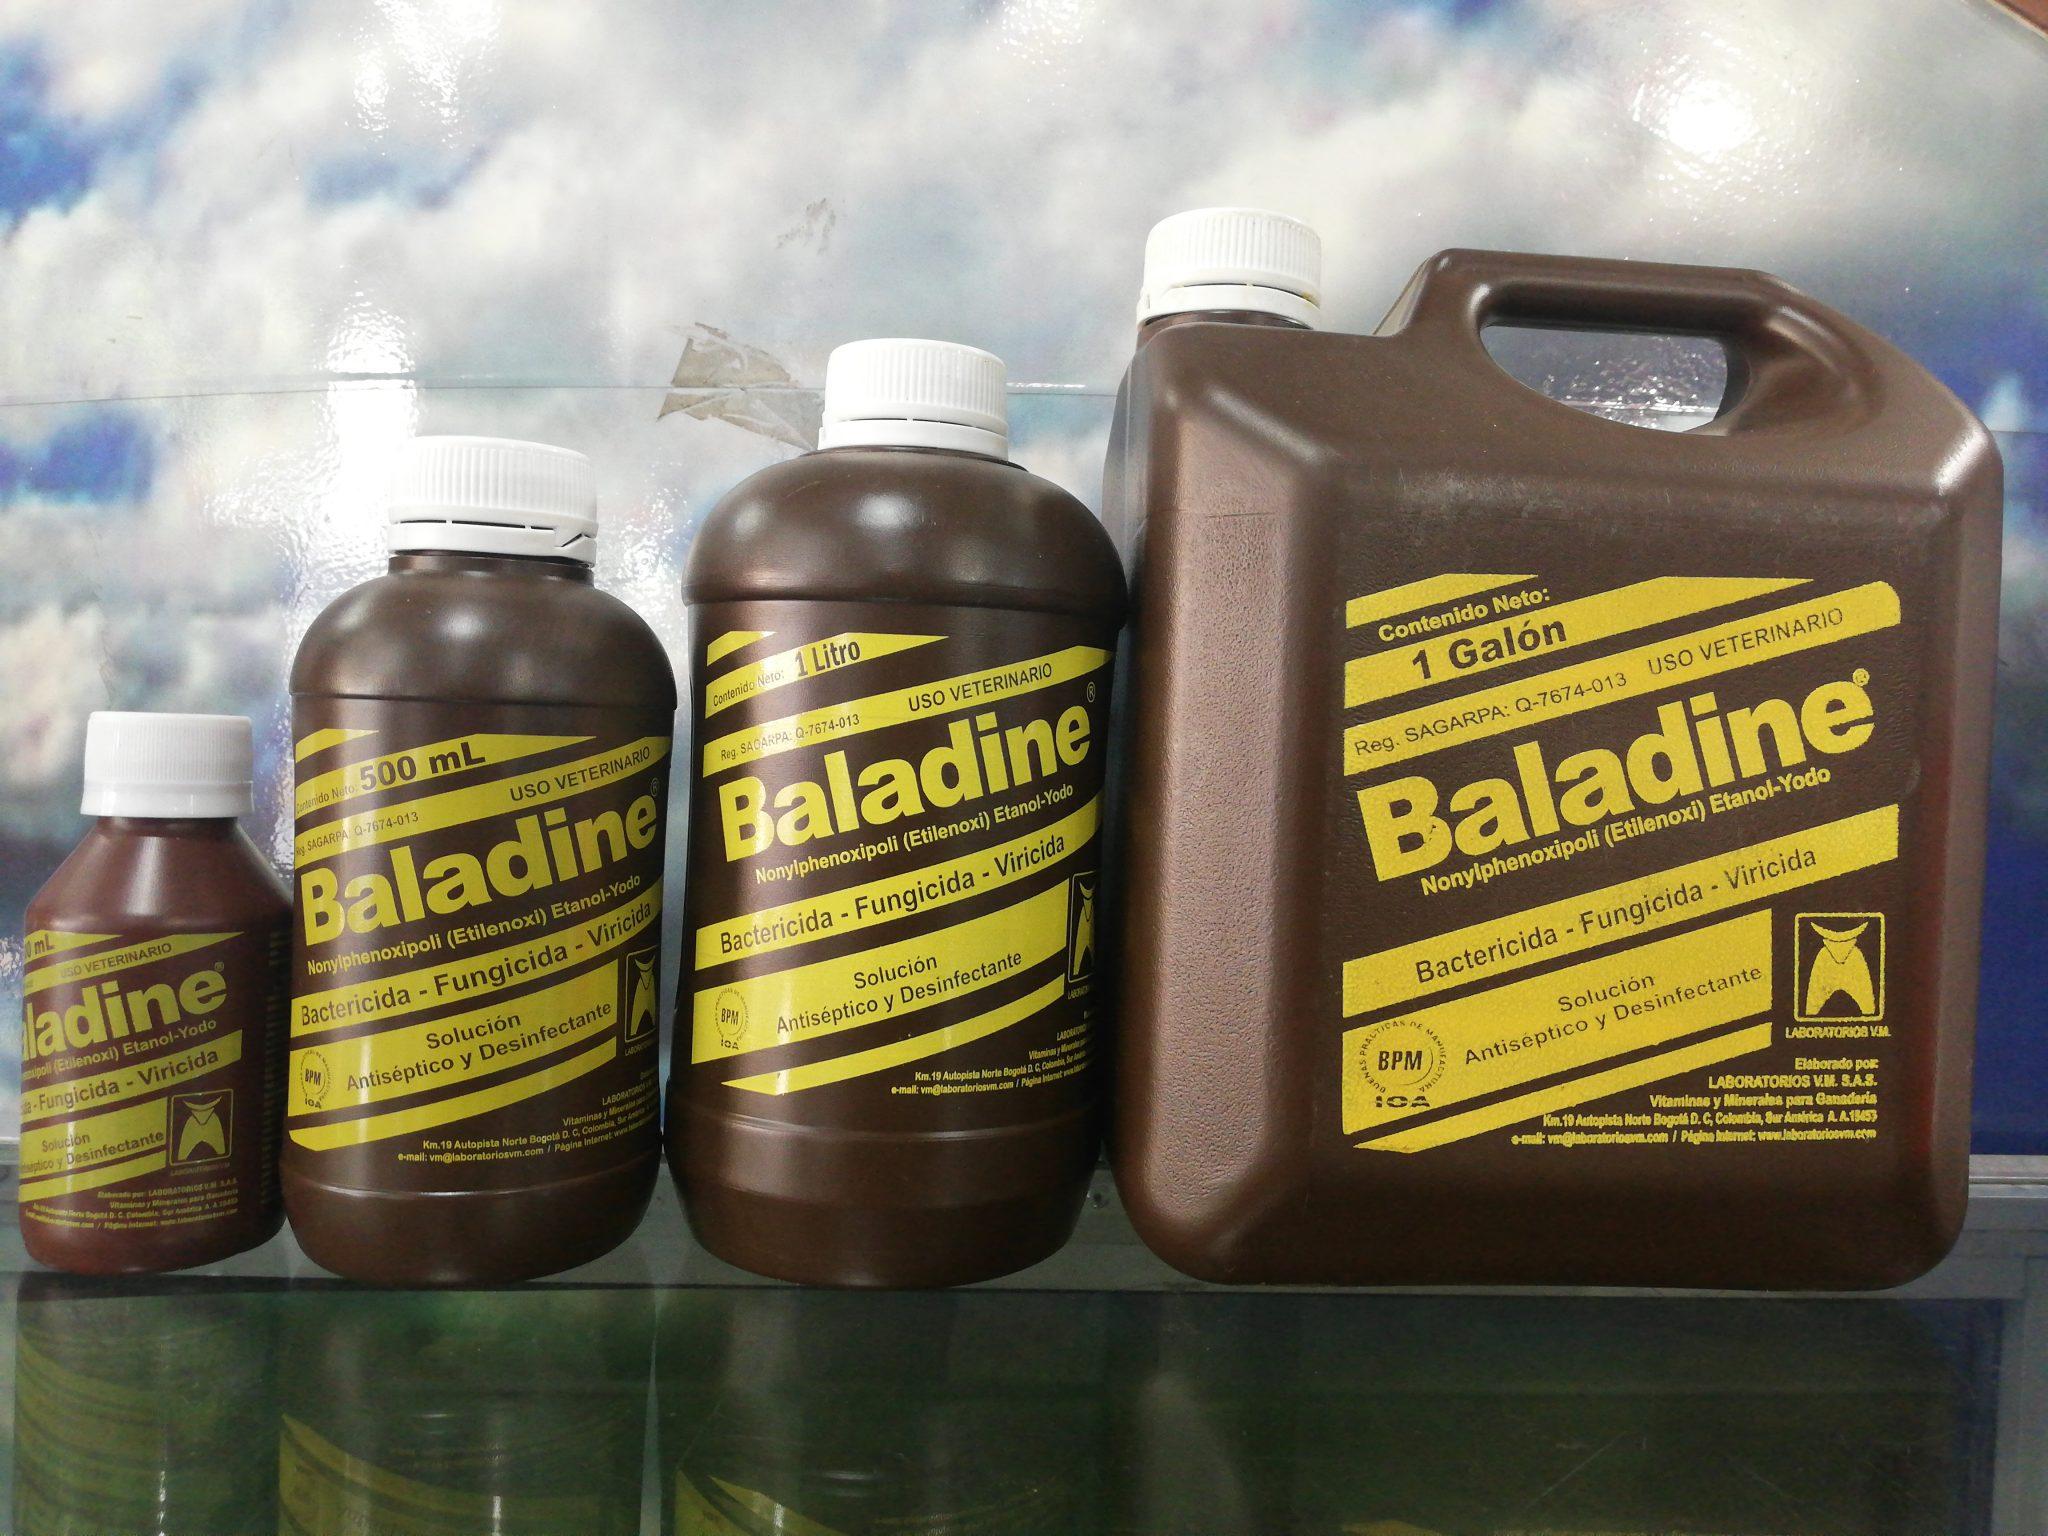 BALADINE X 100 ML